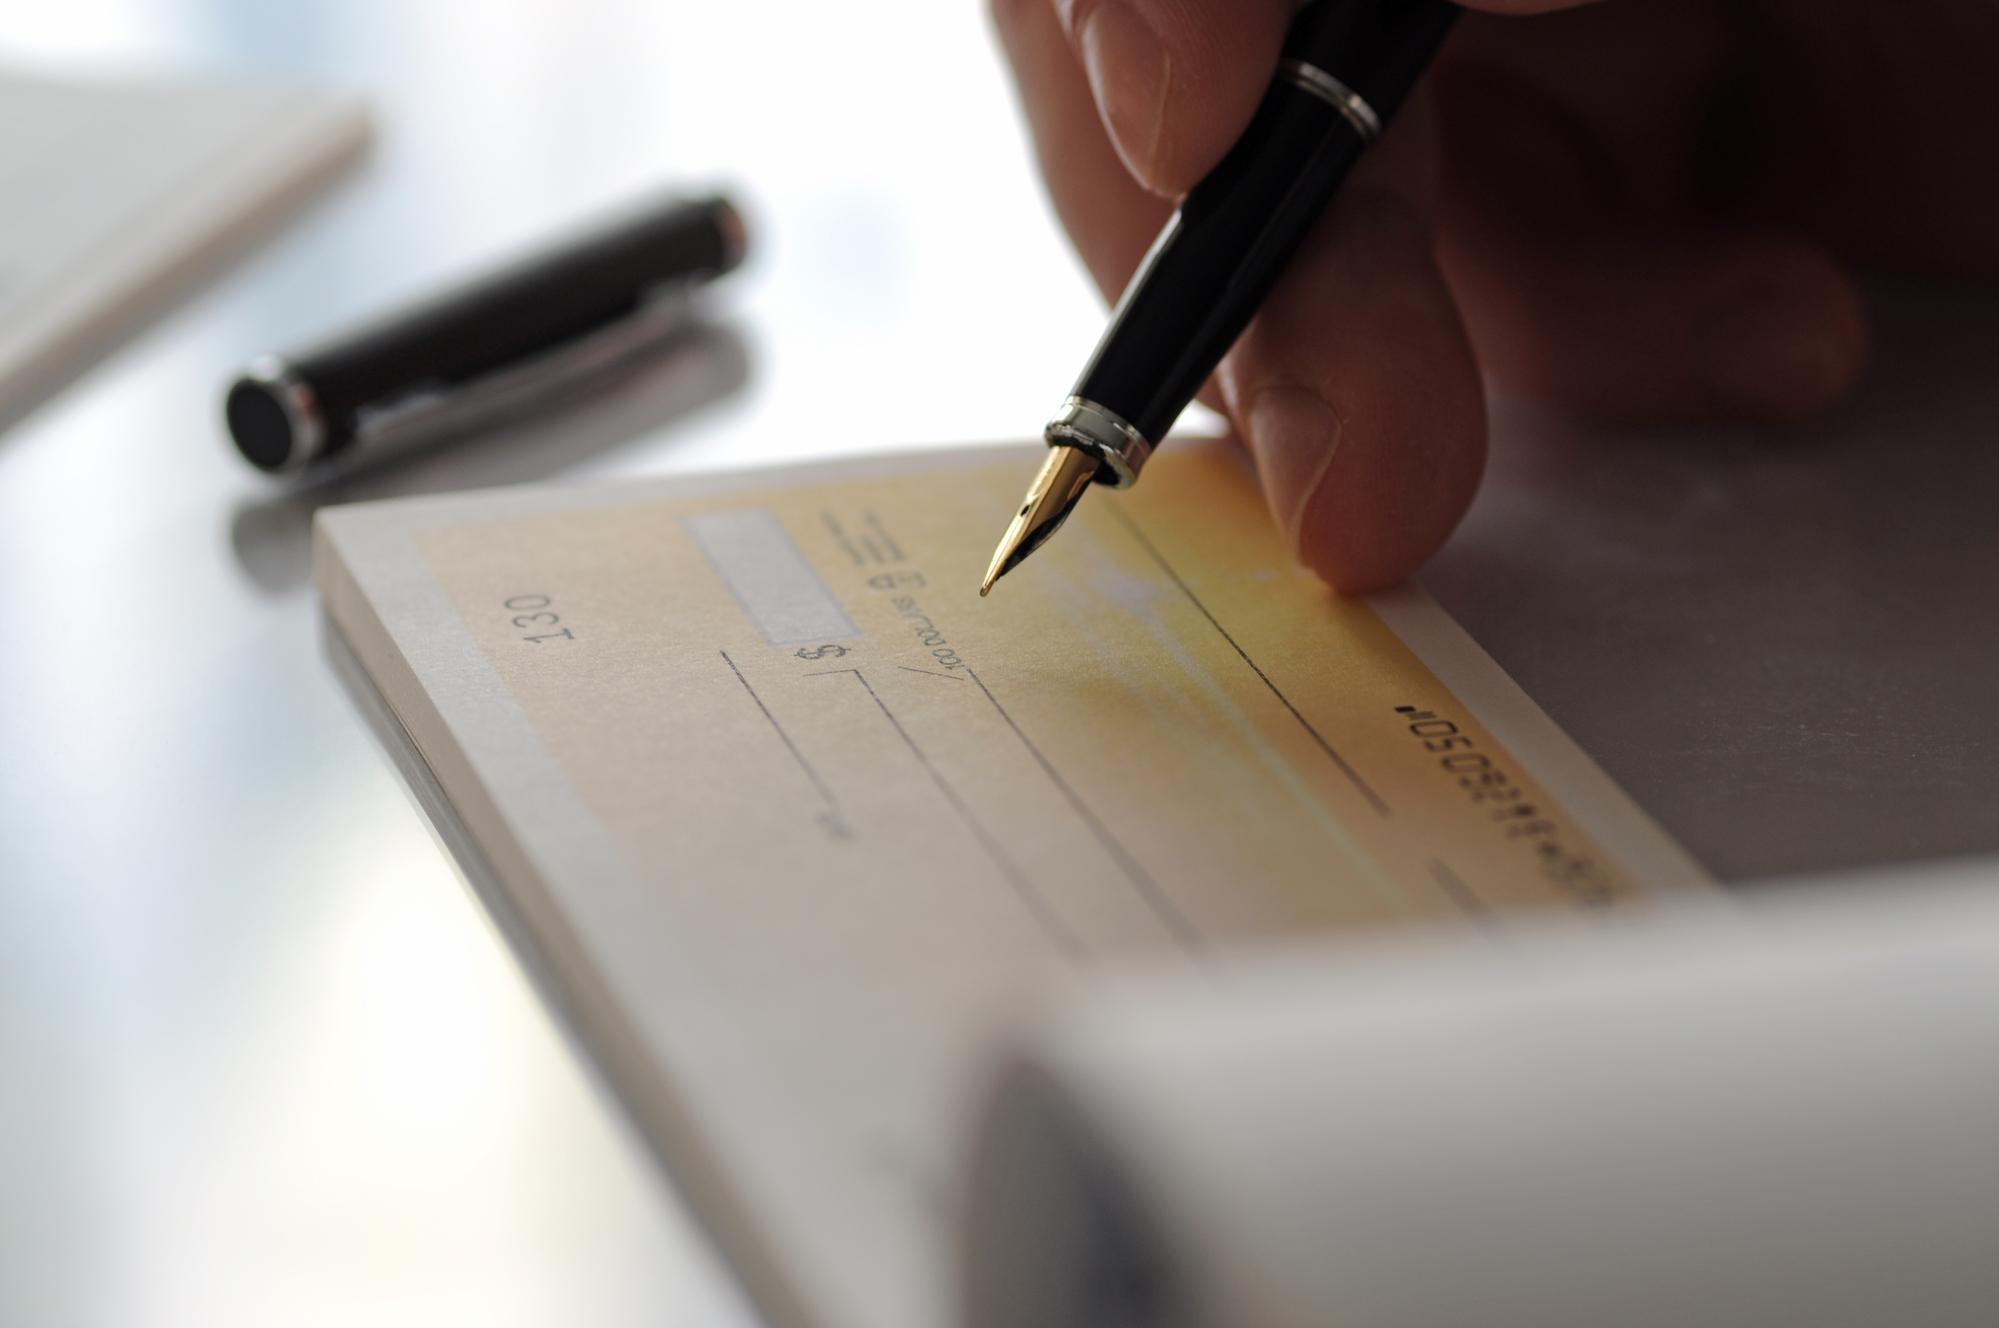 Les bons à valoir utilisables ultérieurement sont-ils un chèque en blanc ? /crédit DepositPhoto